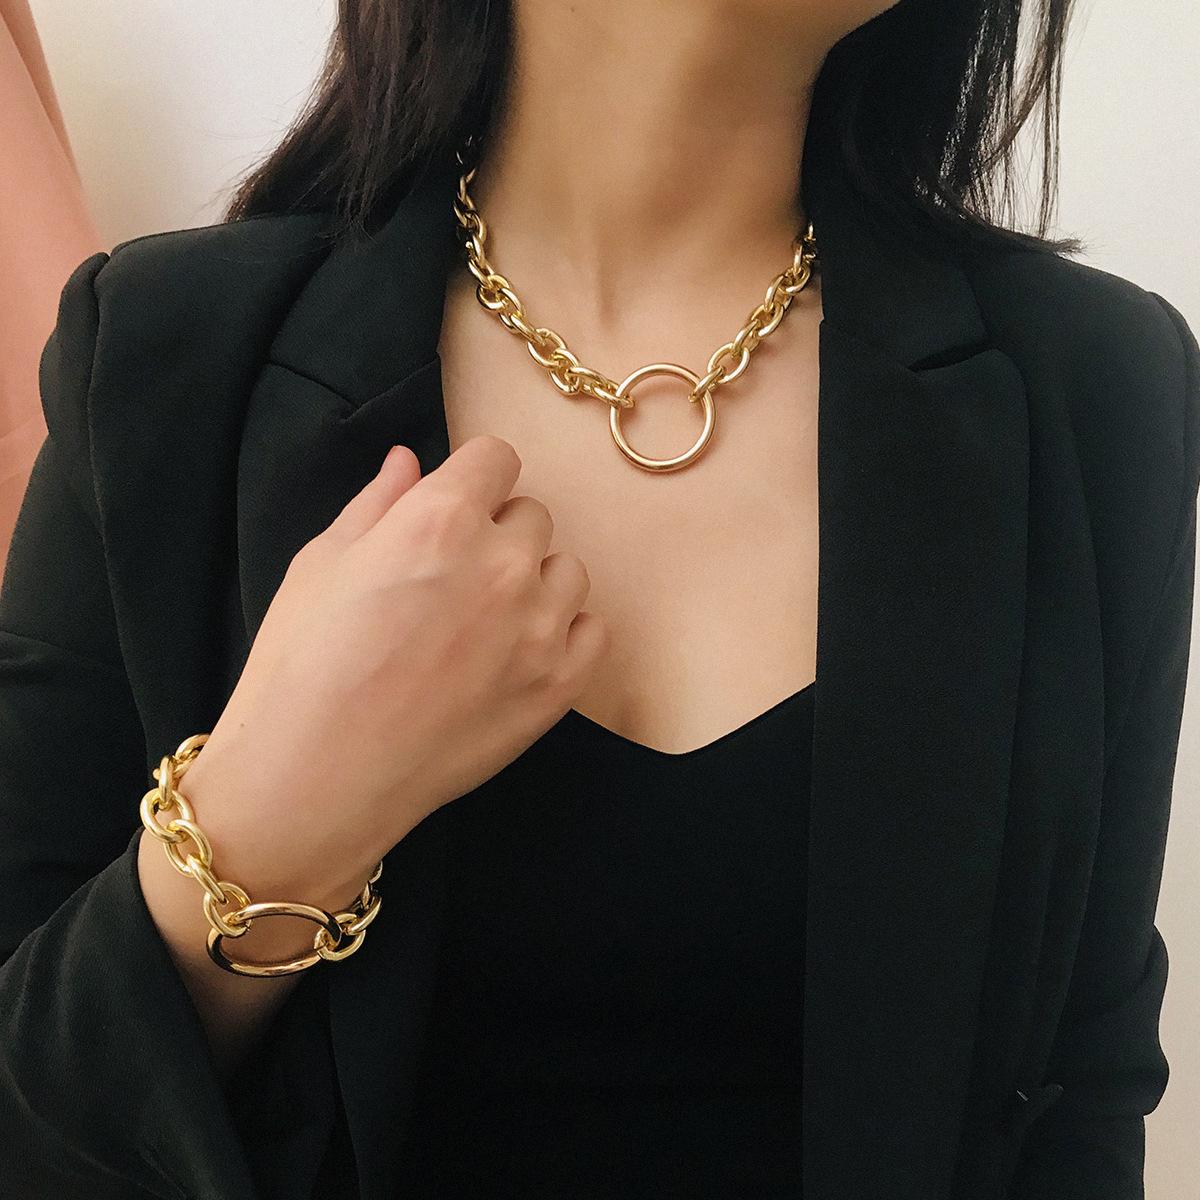 金属复古颈链简约几何圆圈项链项饰个性朋克夸张精品热卖饰品女